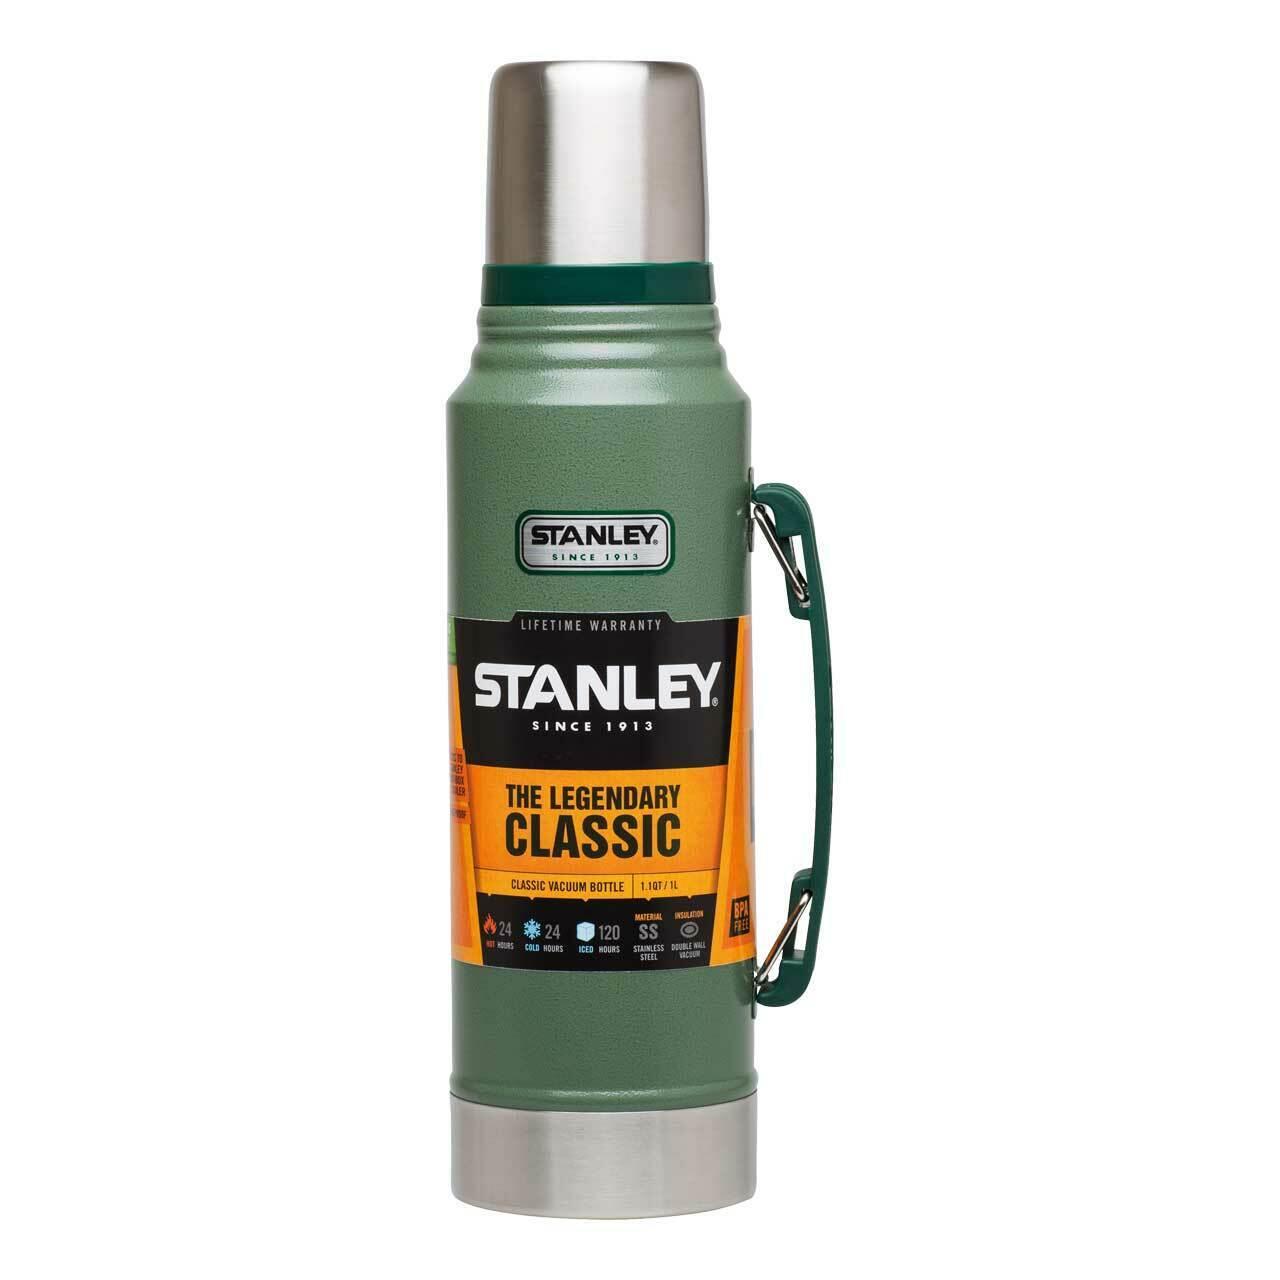 2019er Stanley Legendary Classic BOTTIGLIA SOTTOVUOTO 1 LITRI 24 ore caldo 624100